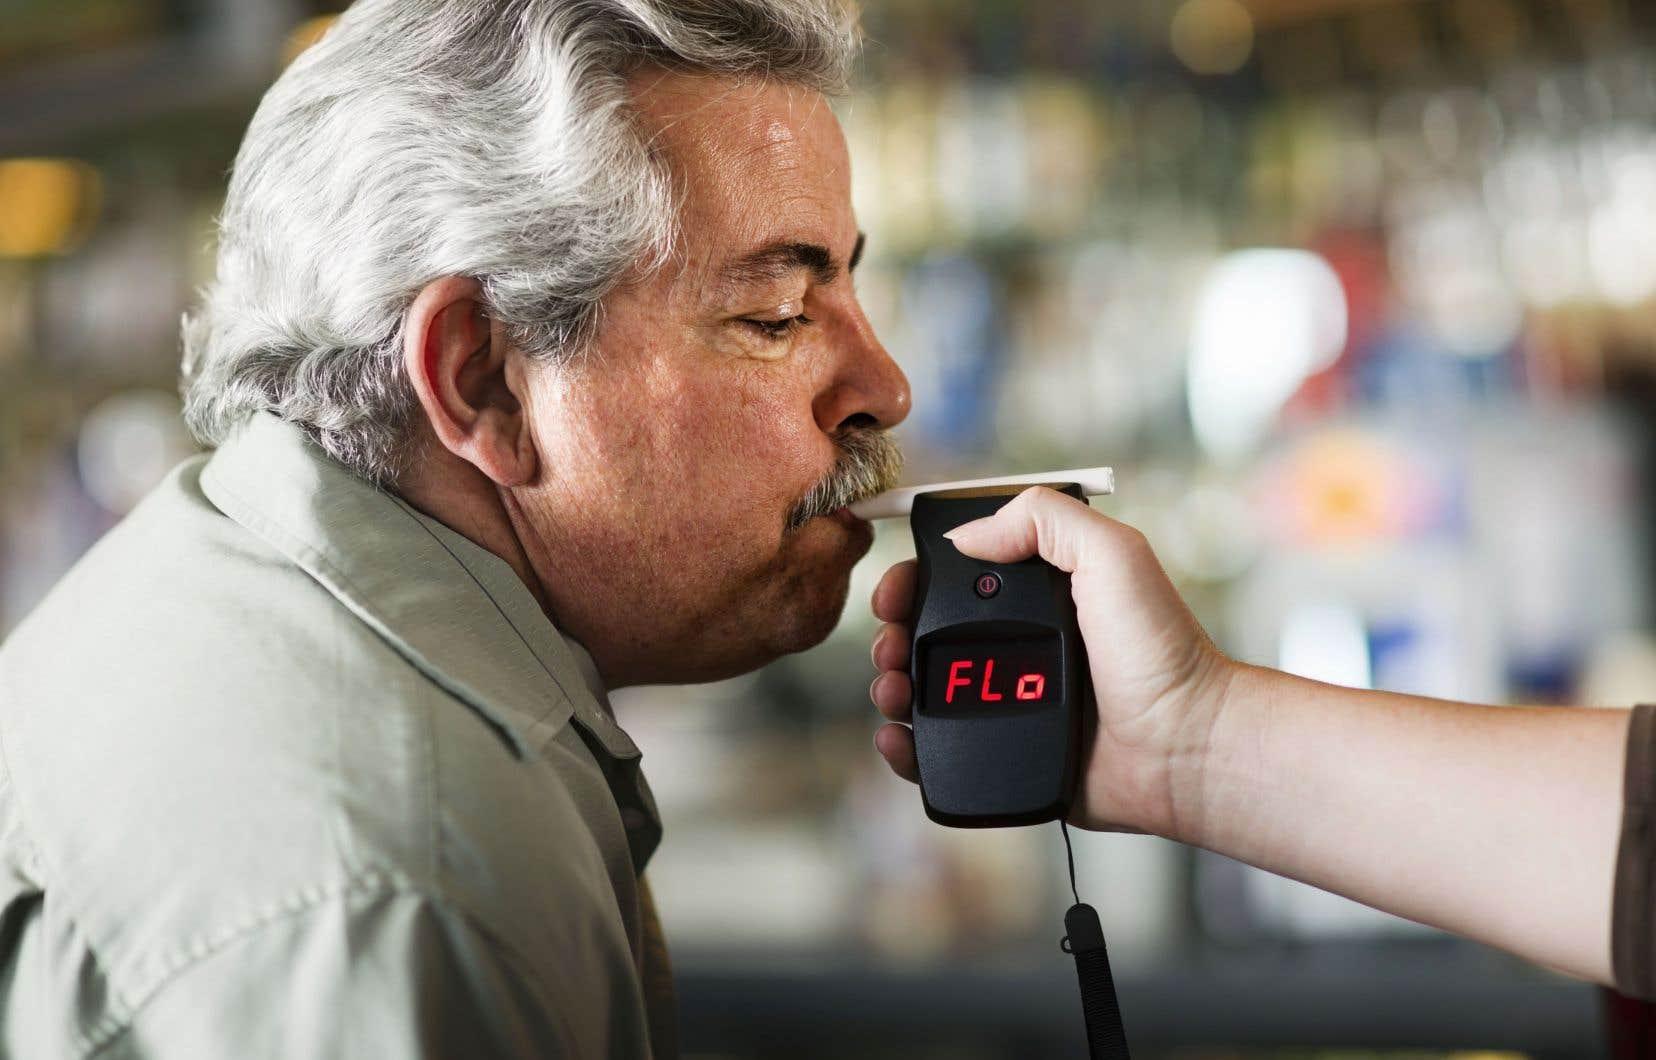 Dorénavant, il y aura infraction si une personne arrêtée dépasse le taux d'alcoolémie de 0,08 (80 milligrammes d'alcool par 100 millilitres de sang) dans les deux heures suivant une interception.